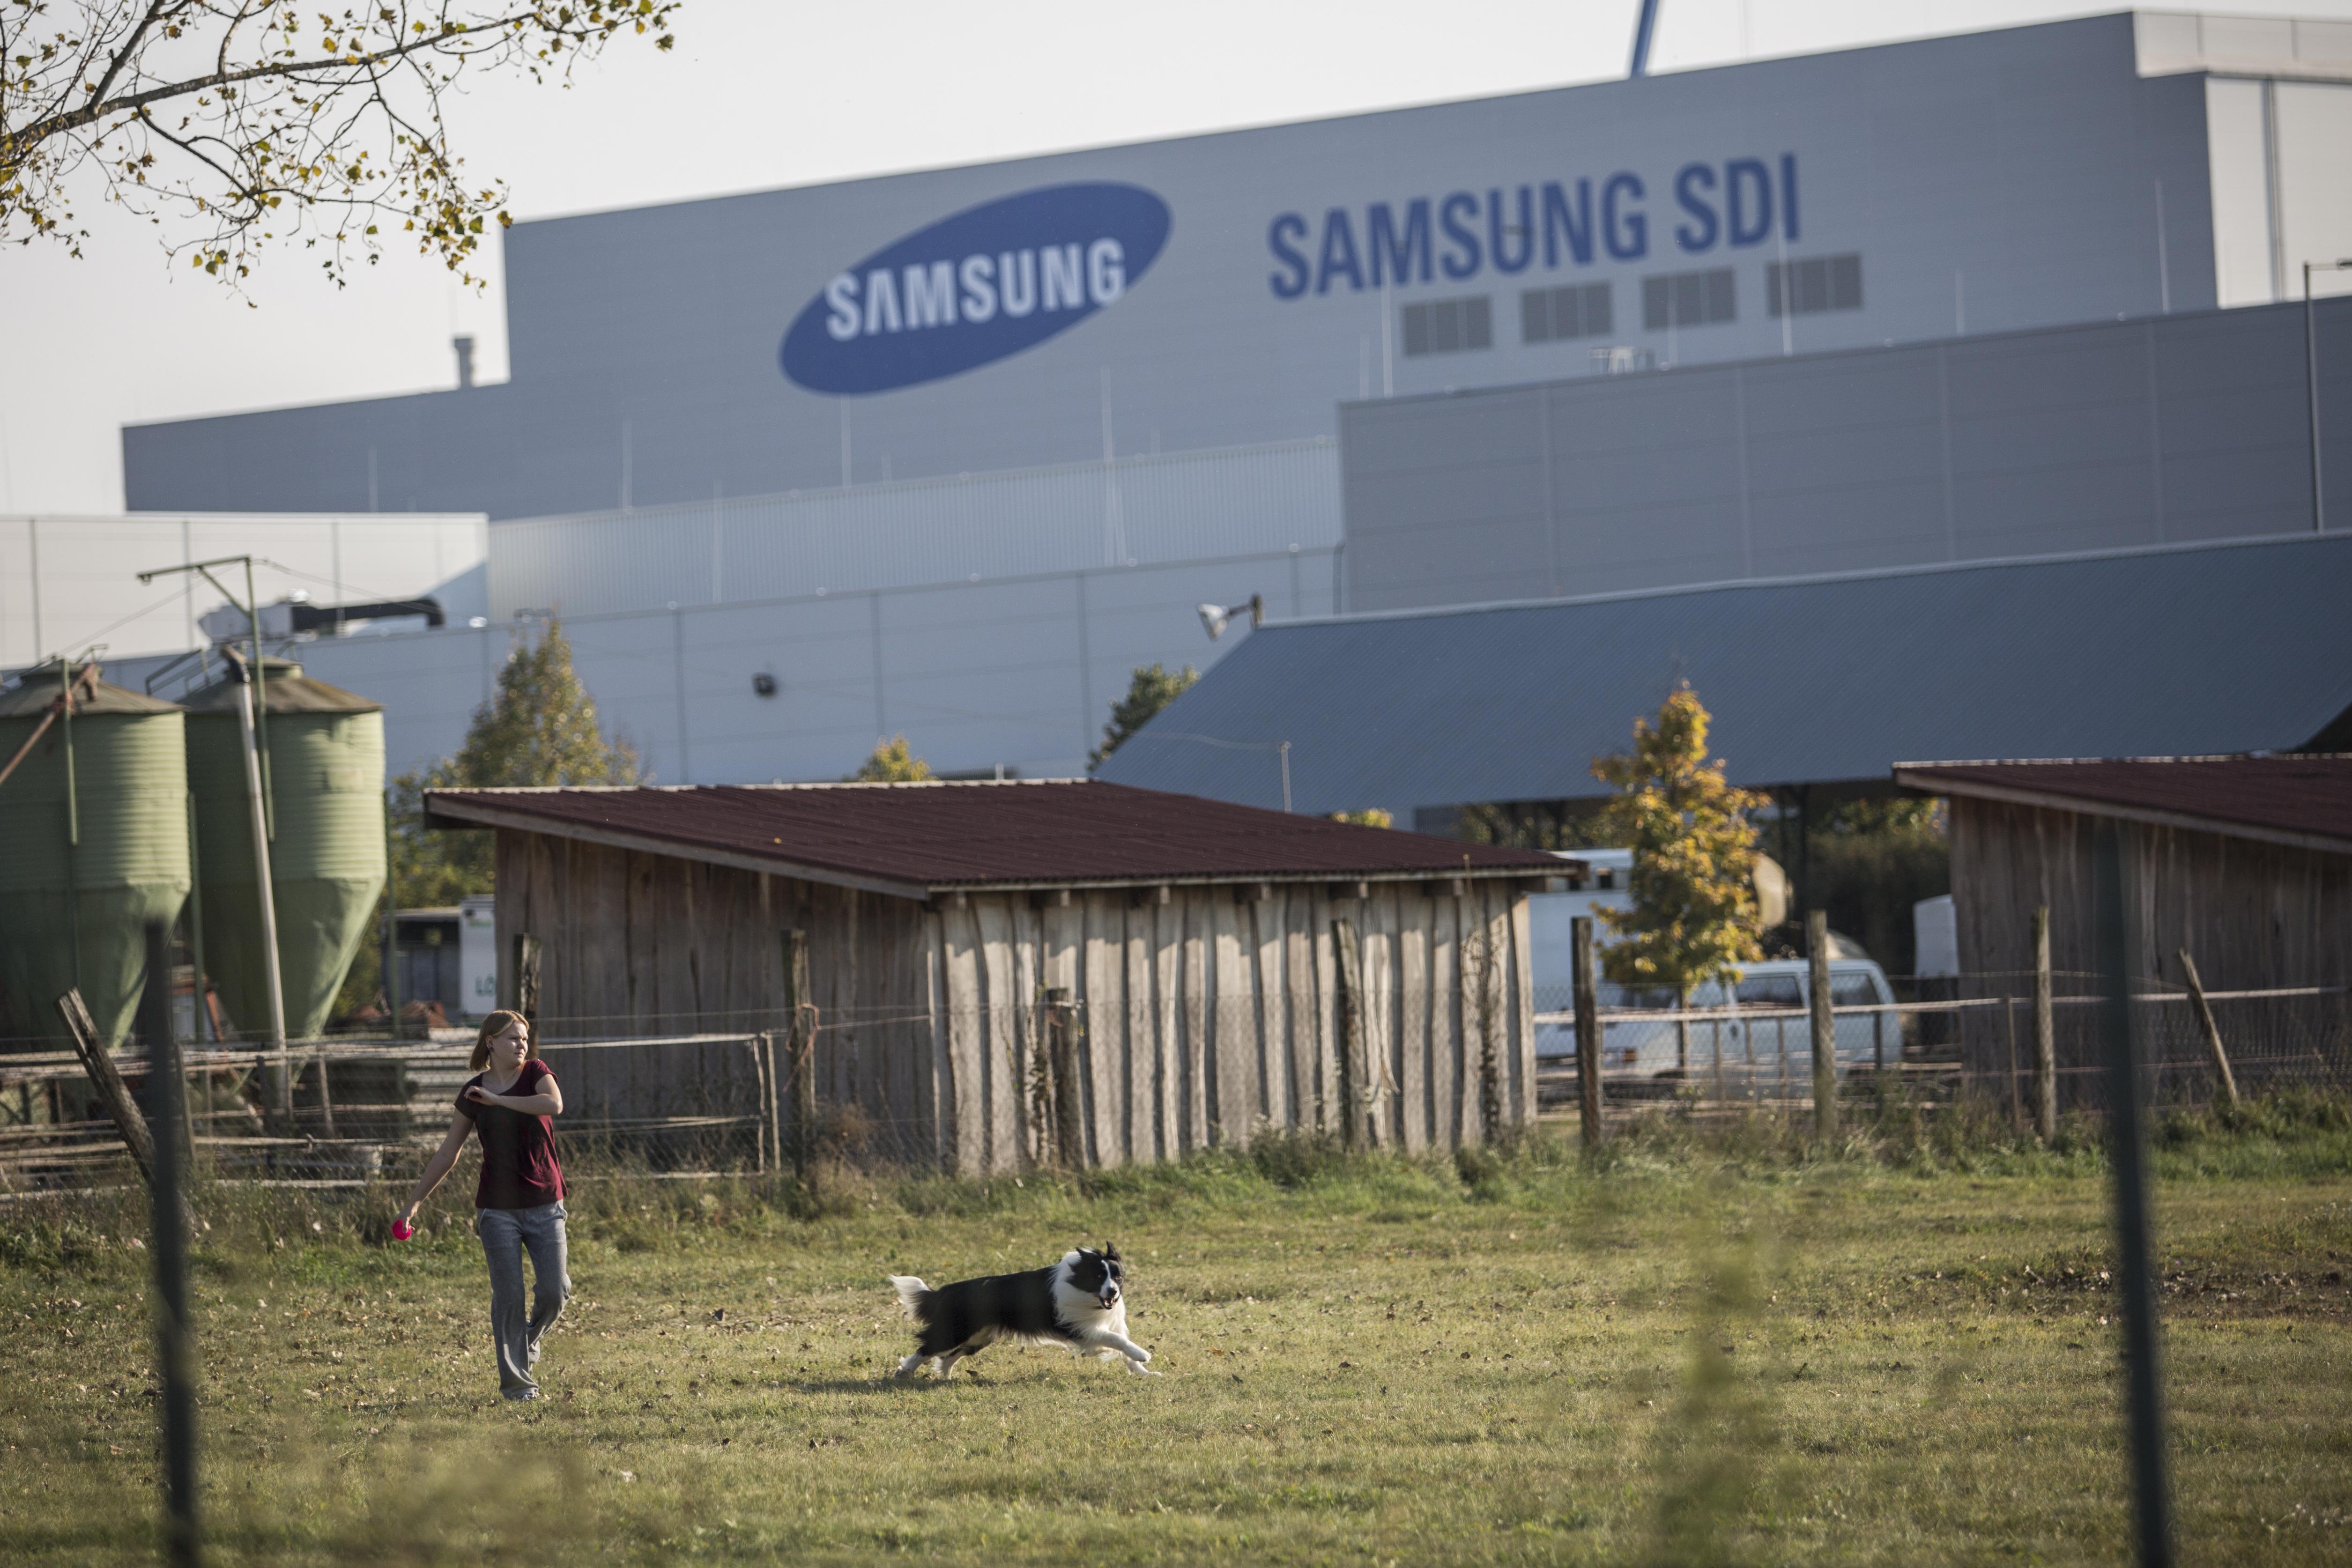 A kormány egy rendelettel elveszi Gödtől a Samsungtól beszedett adókat